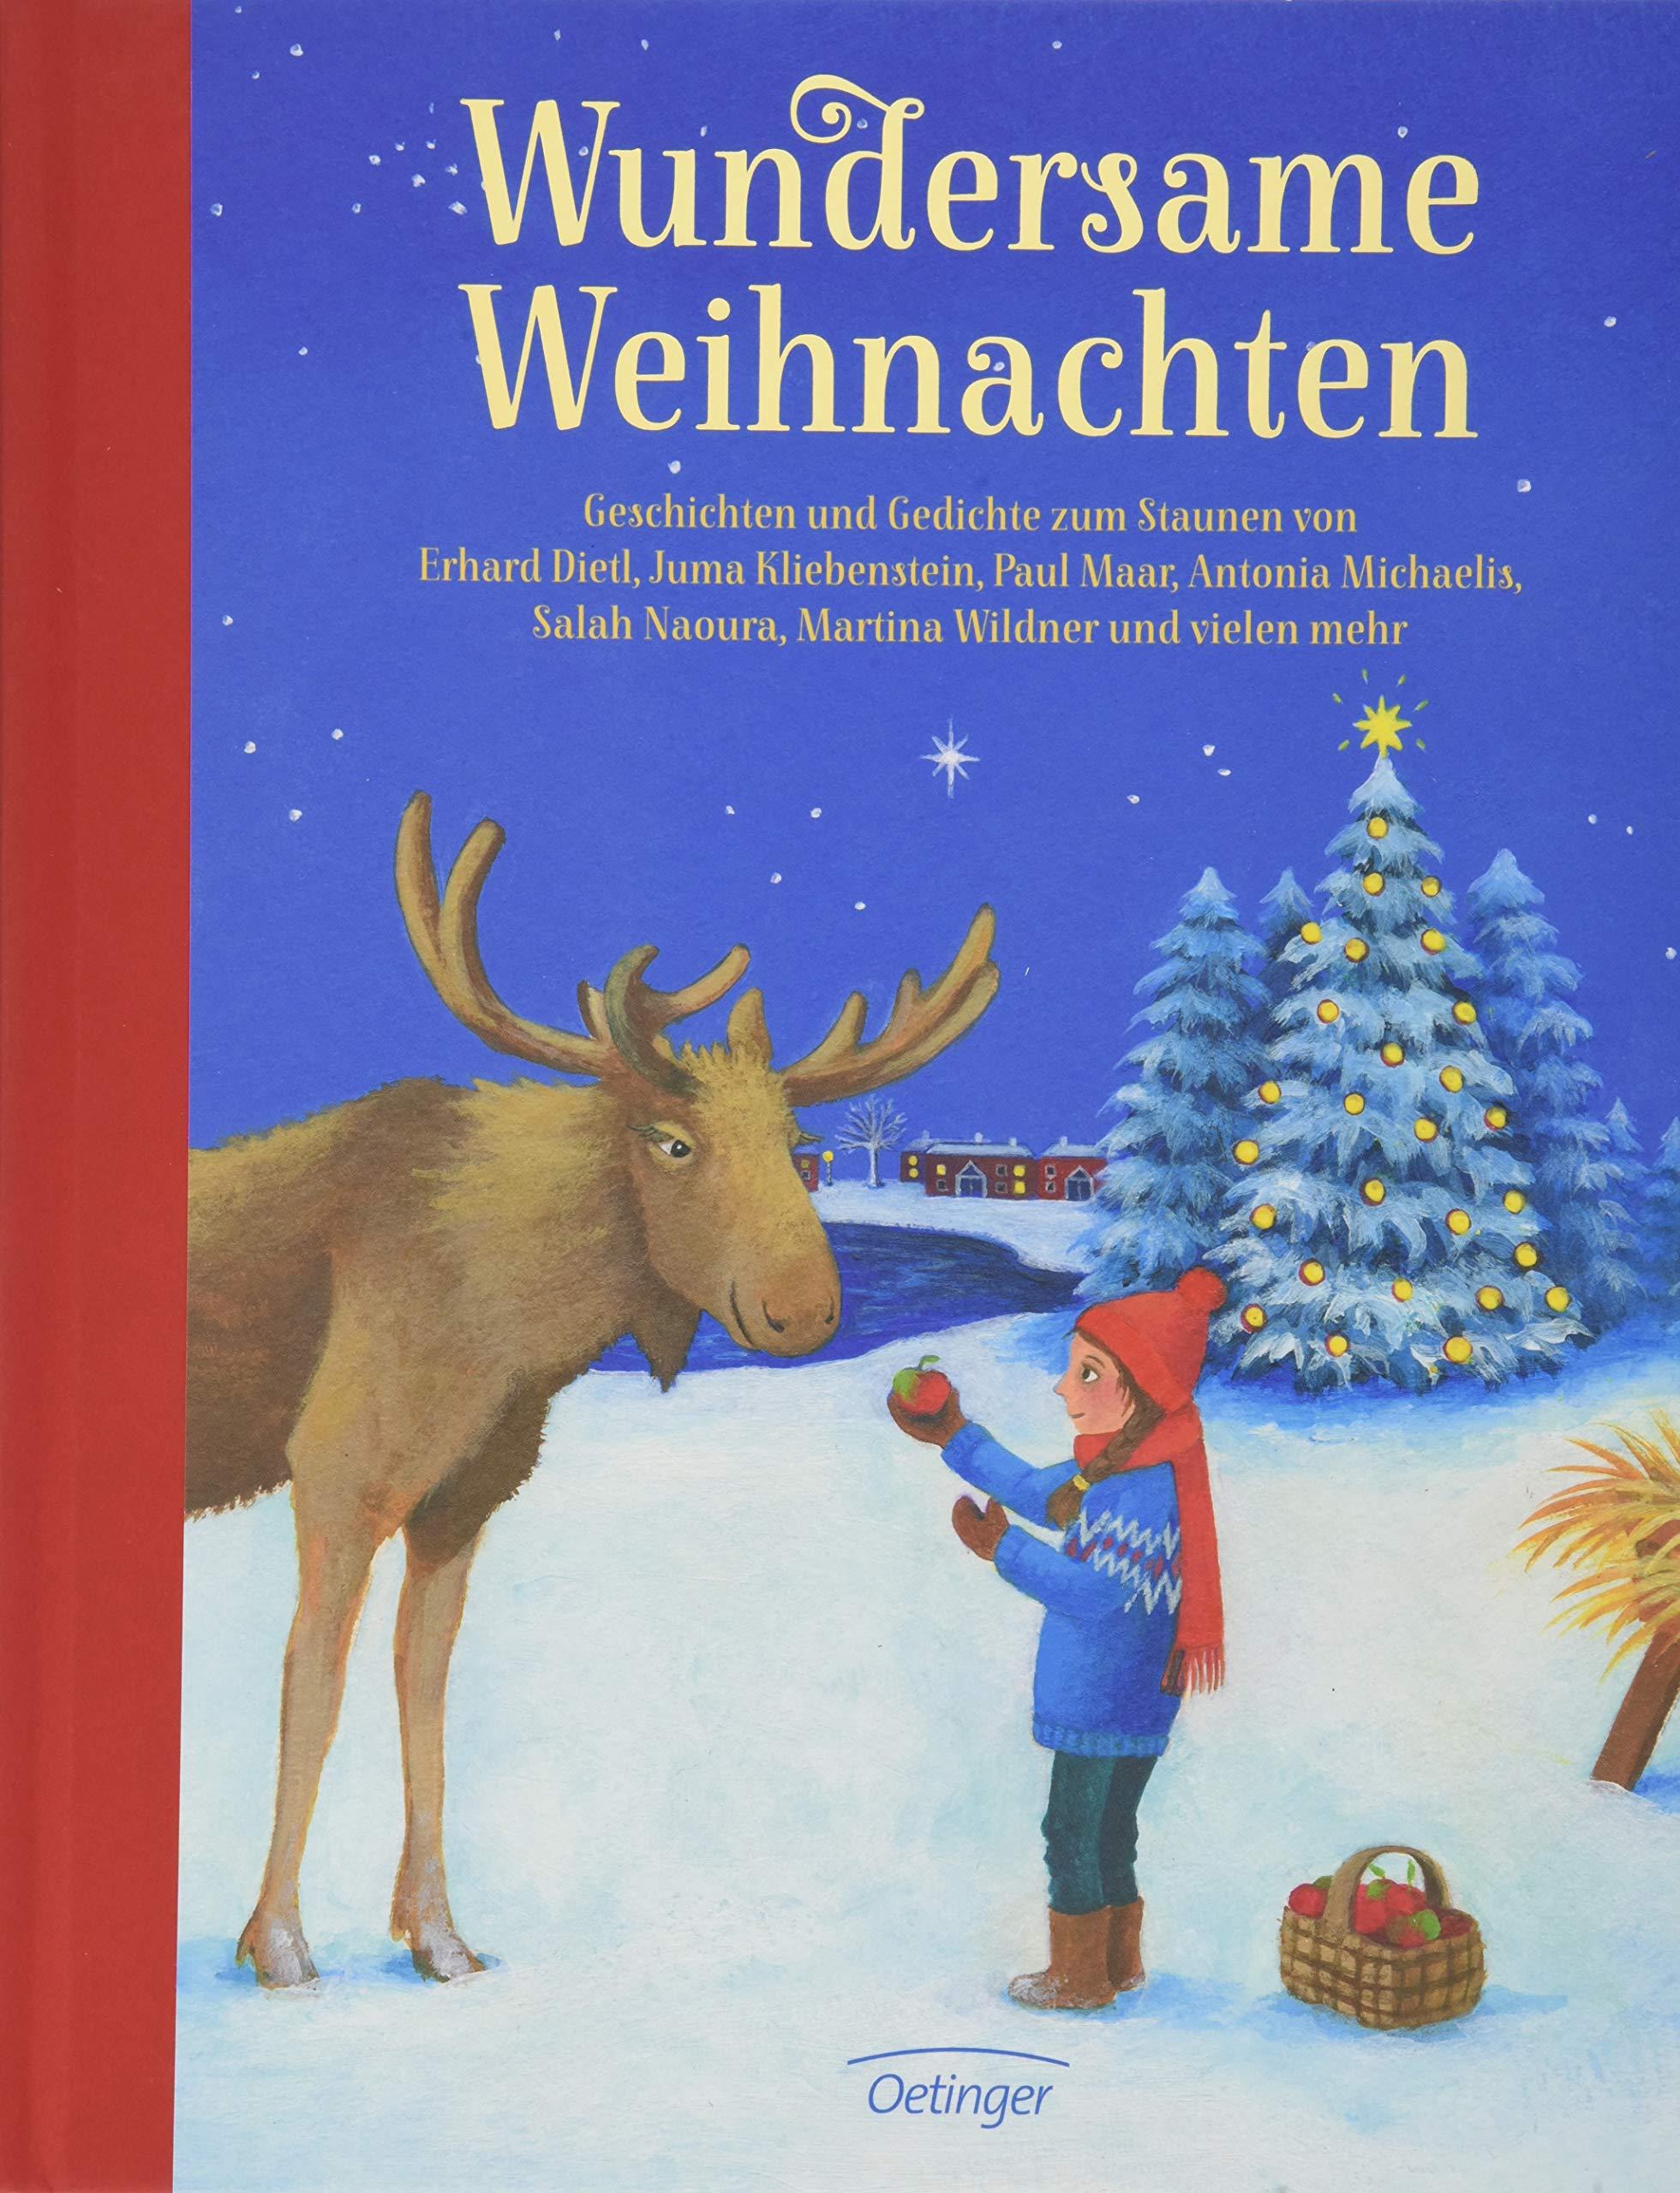 Wundersame Weihnachten: Geschichten und Gedichte zum Staunen von ...